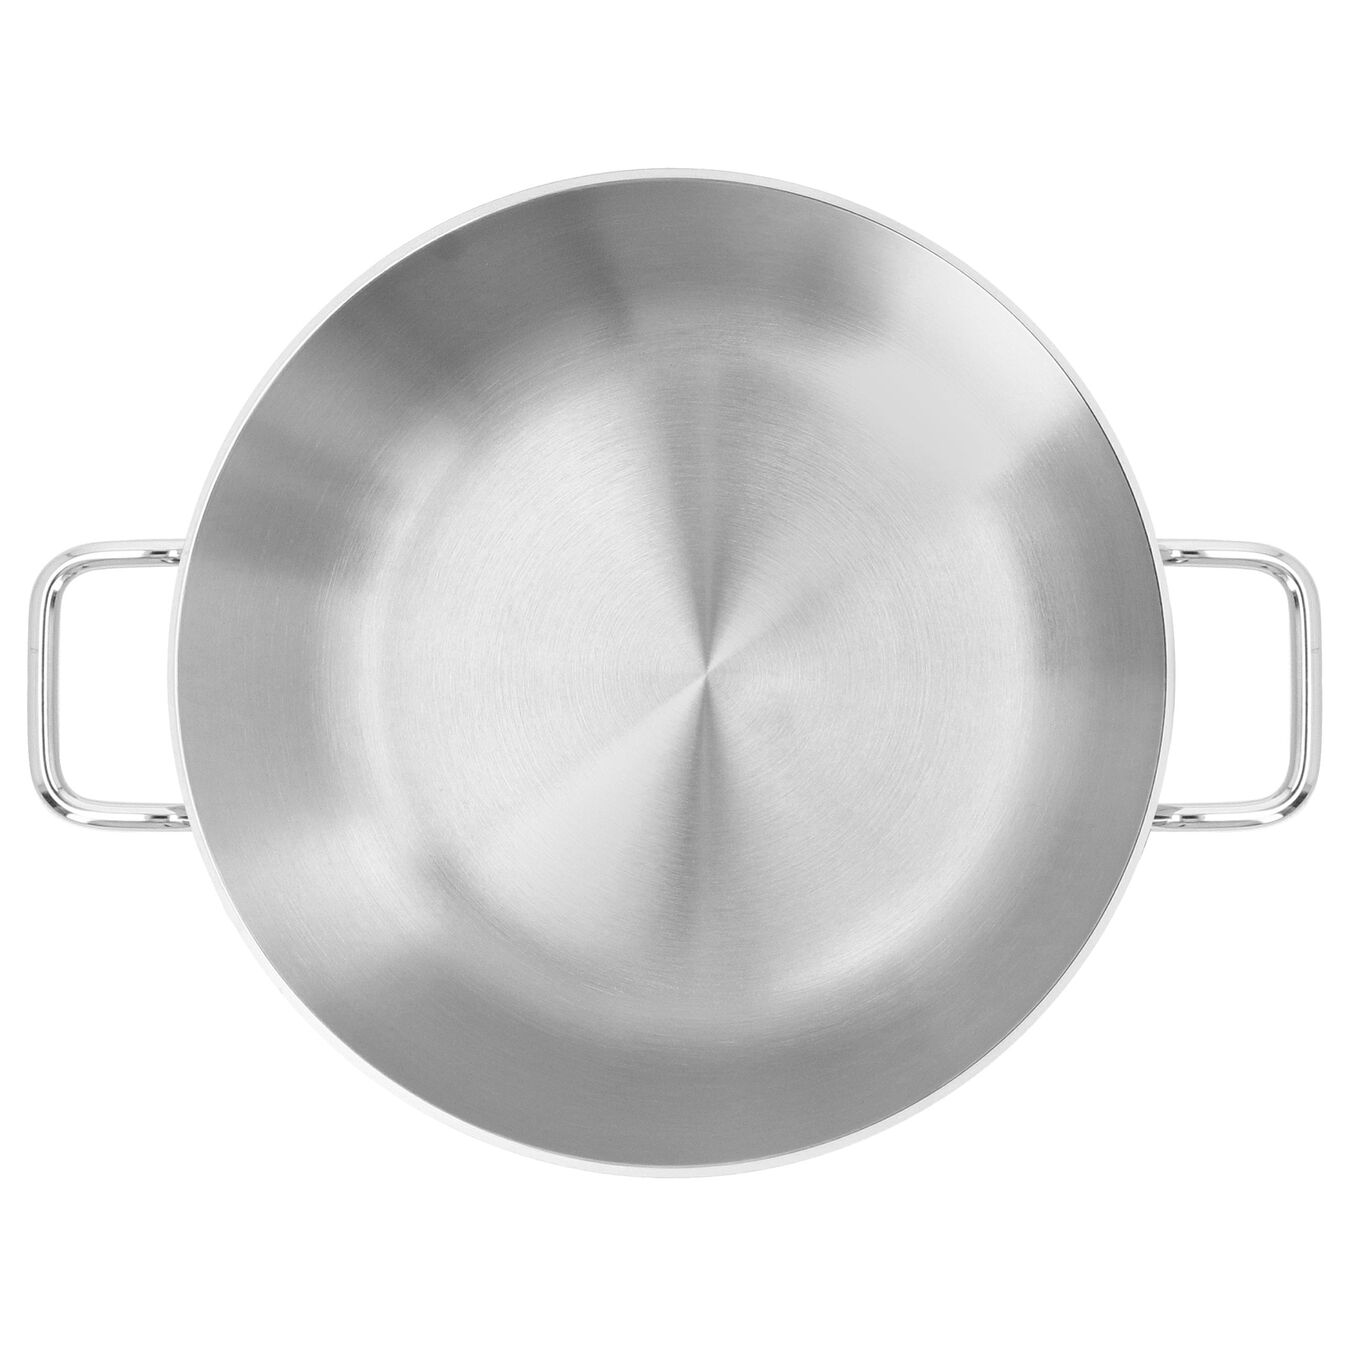 Tegame conica - 28 cm, 18/10 Acciaio inossidabile,,large 7